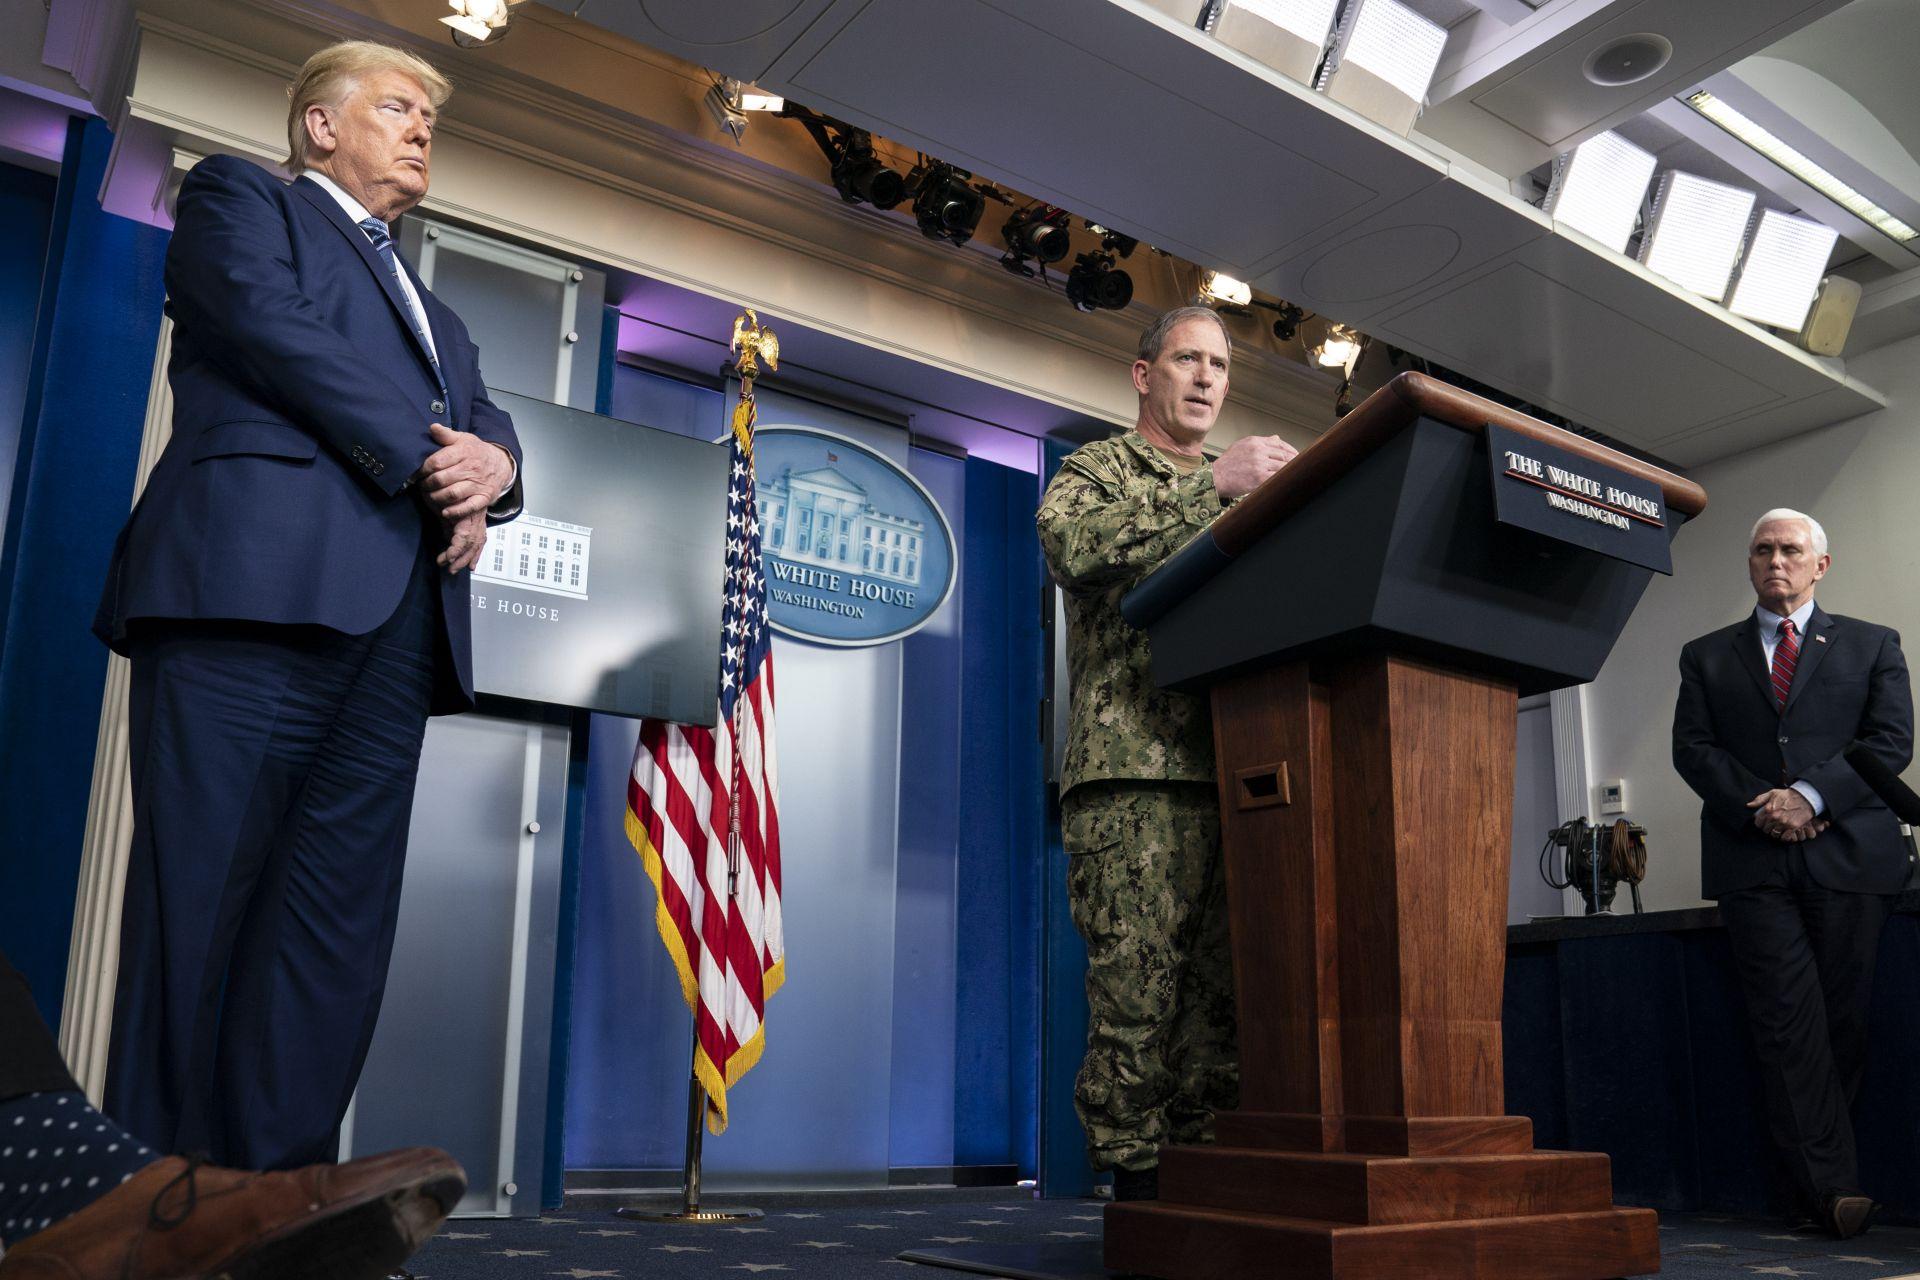 Той подчерта, че над 3000 военни медици са били изпратени в различни точки на страната да помагат за справяне с Covid-19.